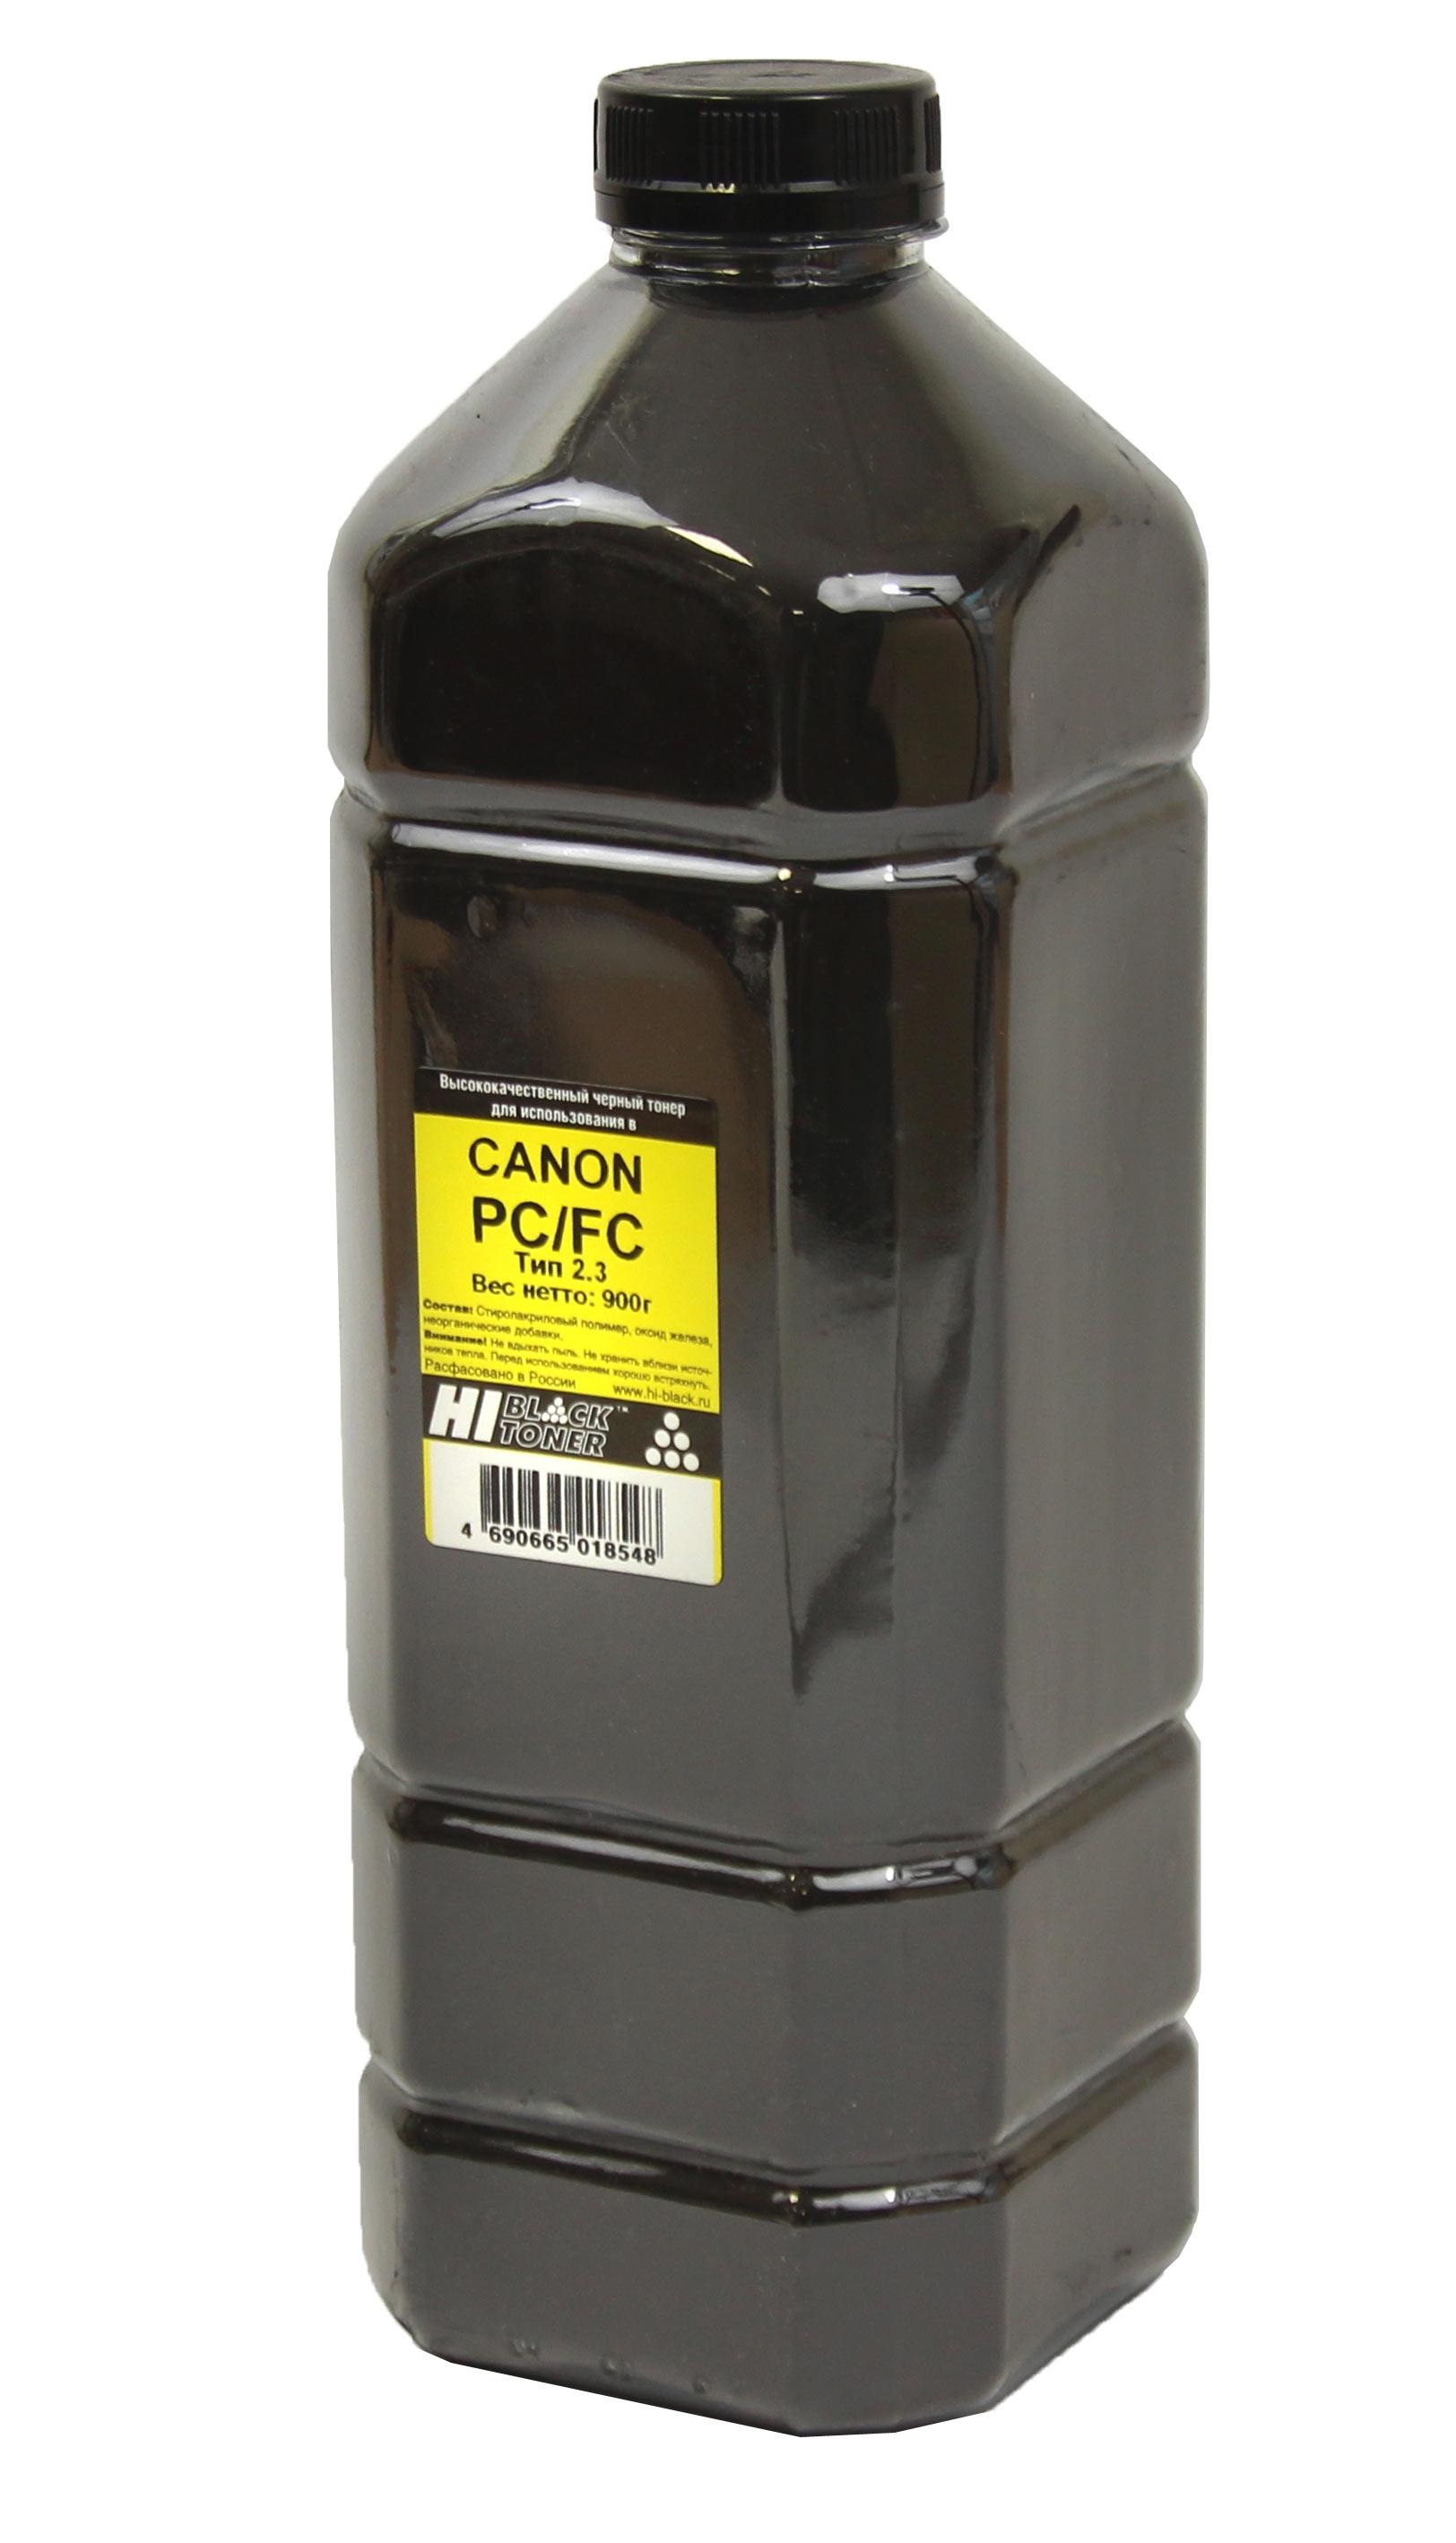 Тонер Hi-Black для Canon PC/FC, Тип 2.3, Bk, 900 г, канистра